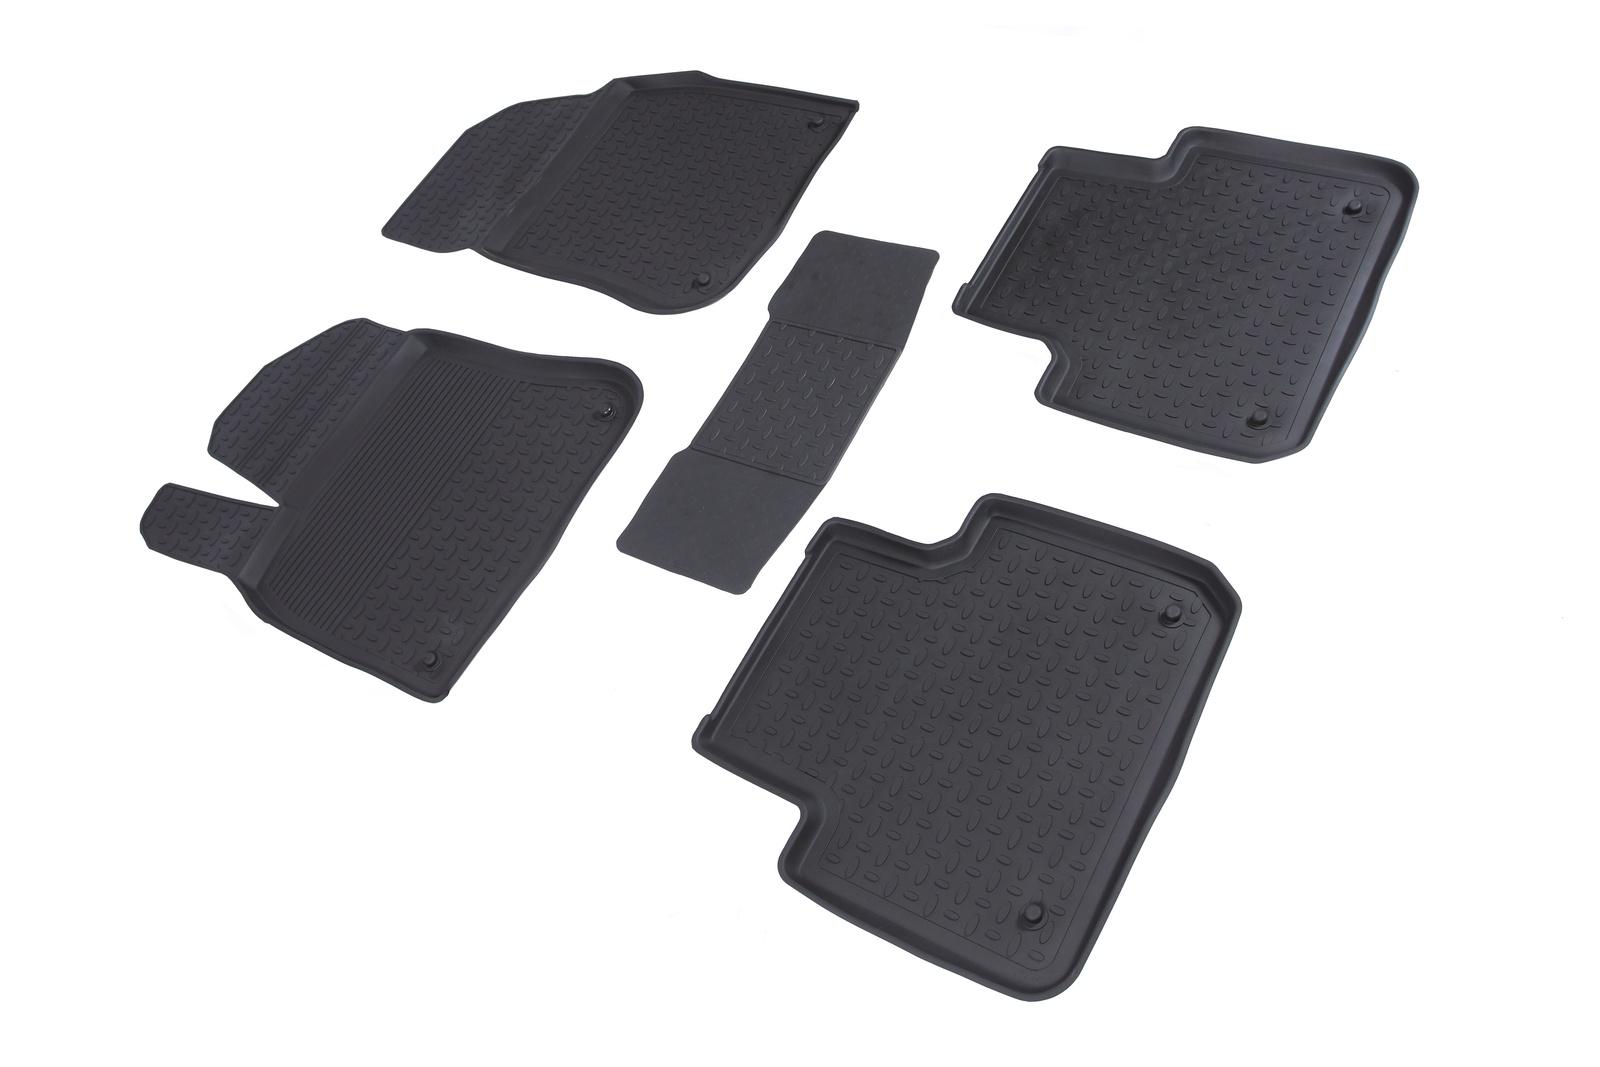 цена на Коврики в салон автомобиля Seintex Резиновые коврики с высоким бортом для Lexus GS IV 2012-н.в.